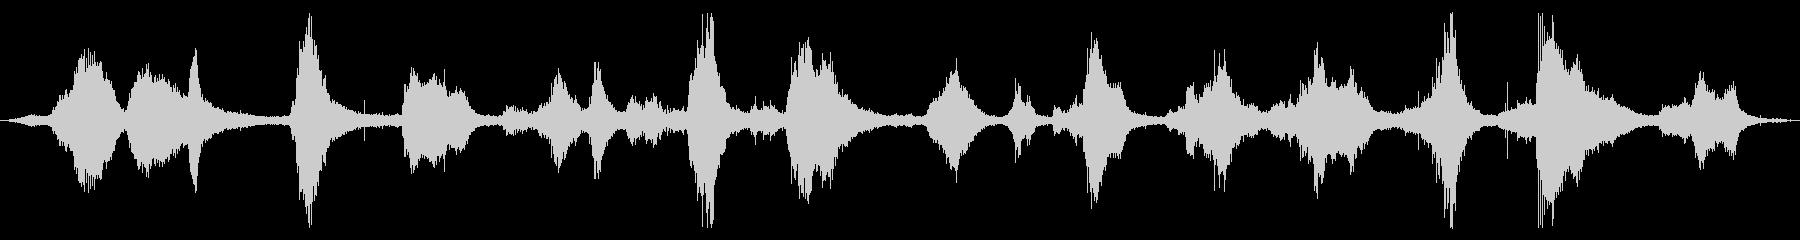 オーシャン:激しい衝突と泡で光が来る波の未再生の波形